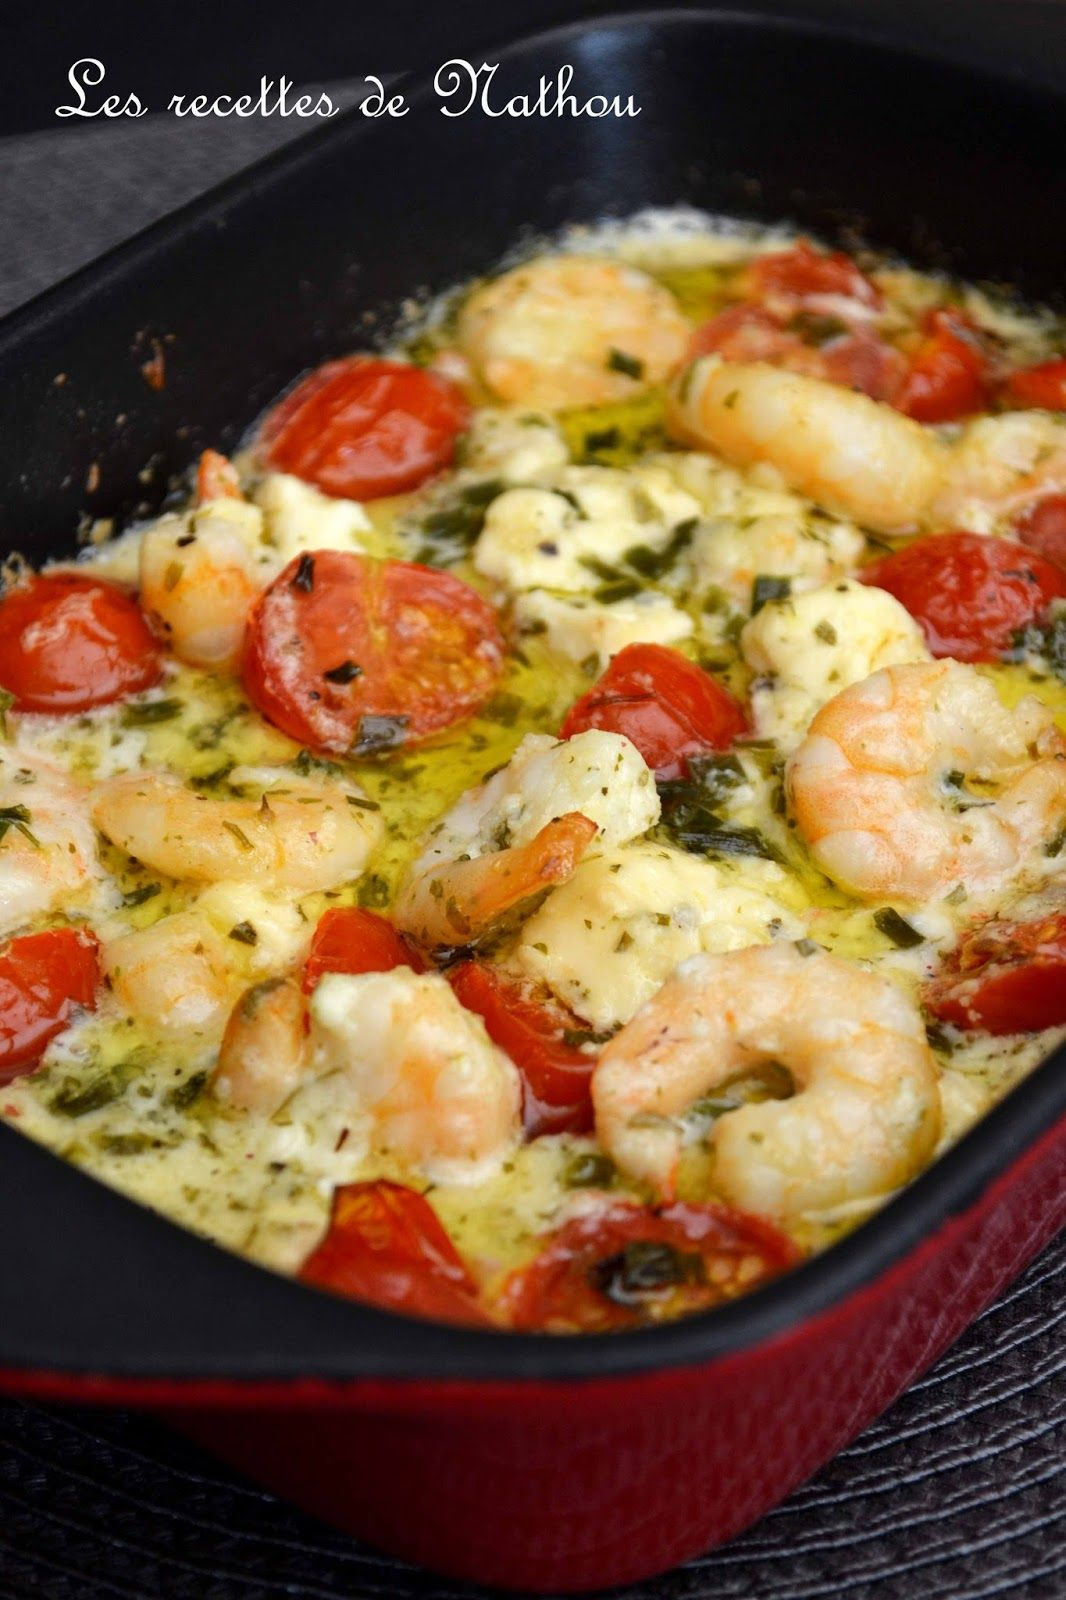 idée plat principal En entrée ou en plat principal, peu importe ce plat est vite  idée plat principal